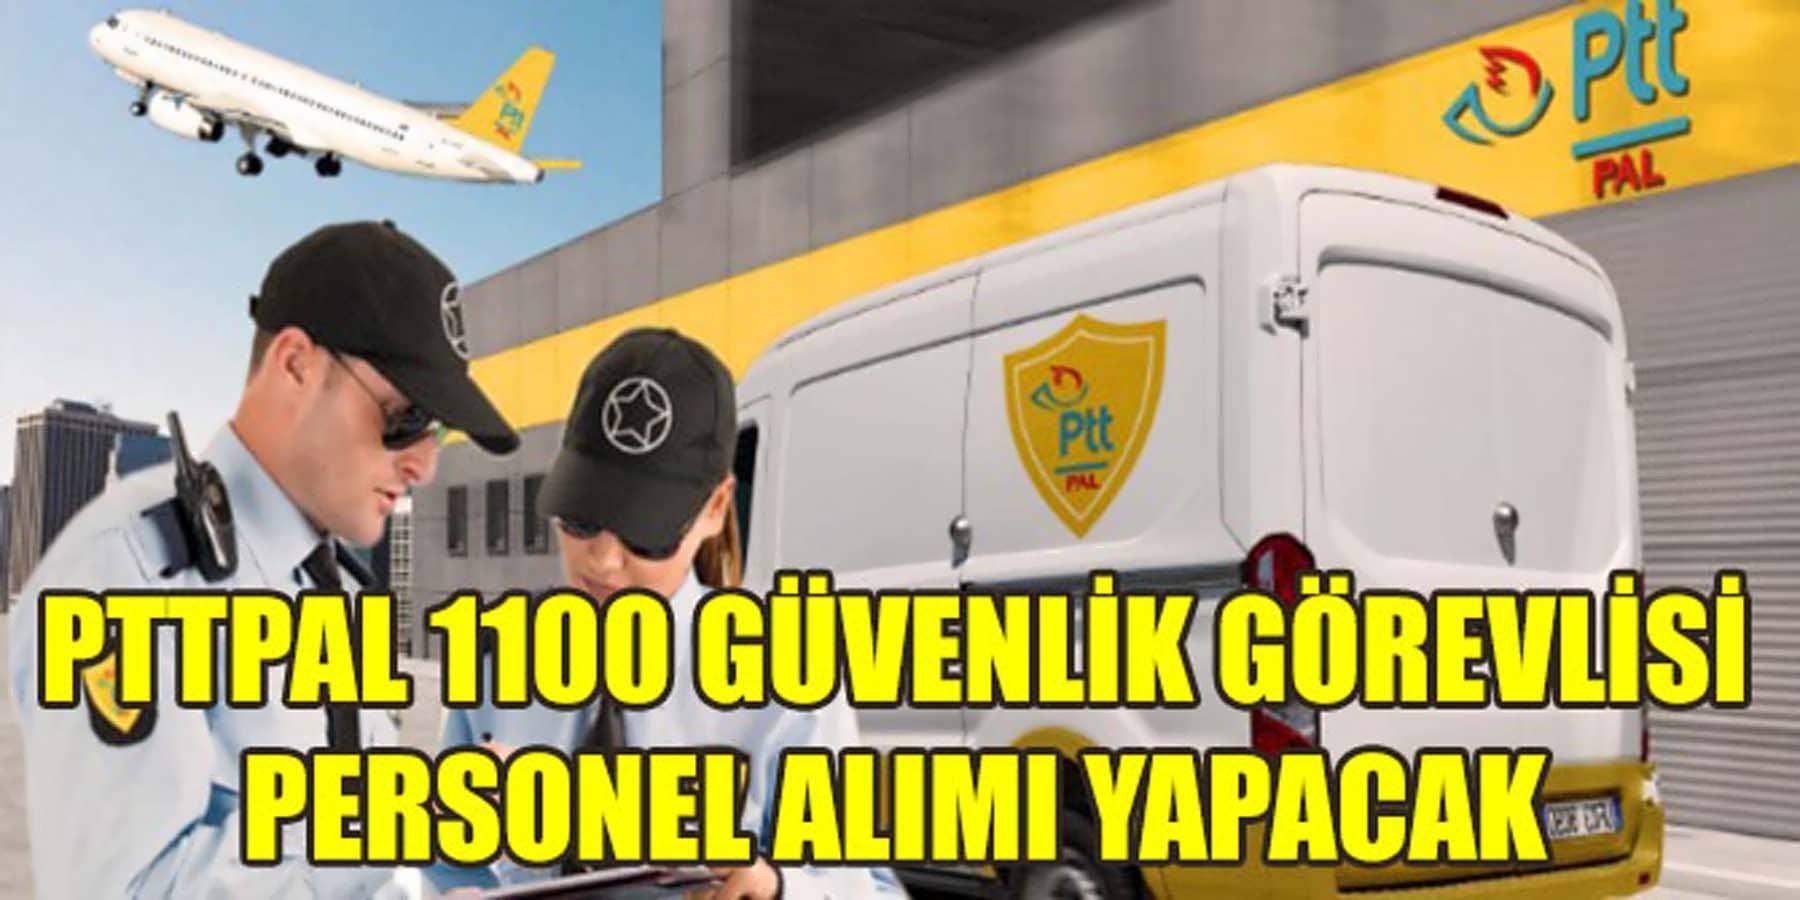 PTTPAL 1100 Güvenlik Görevlisi ve Personel Alımı Yapacak